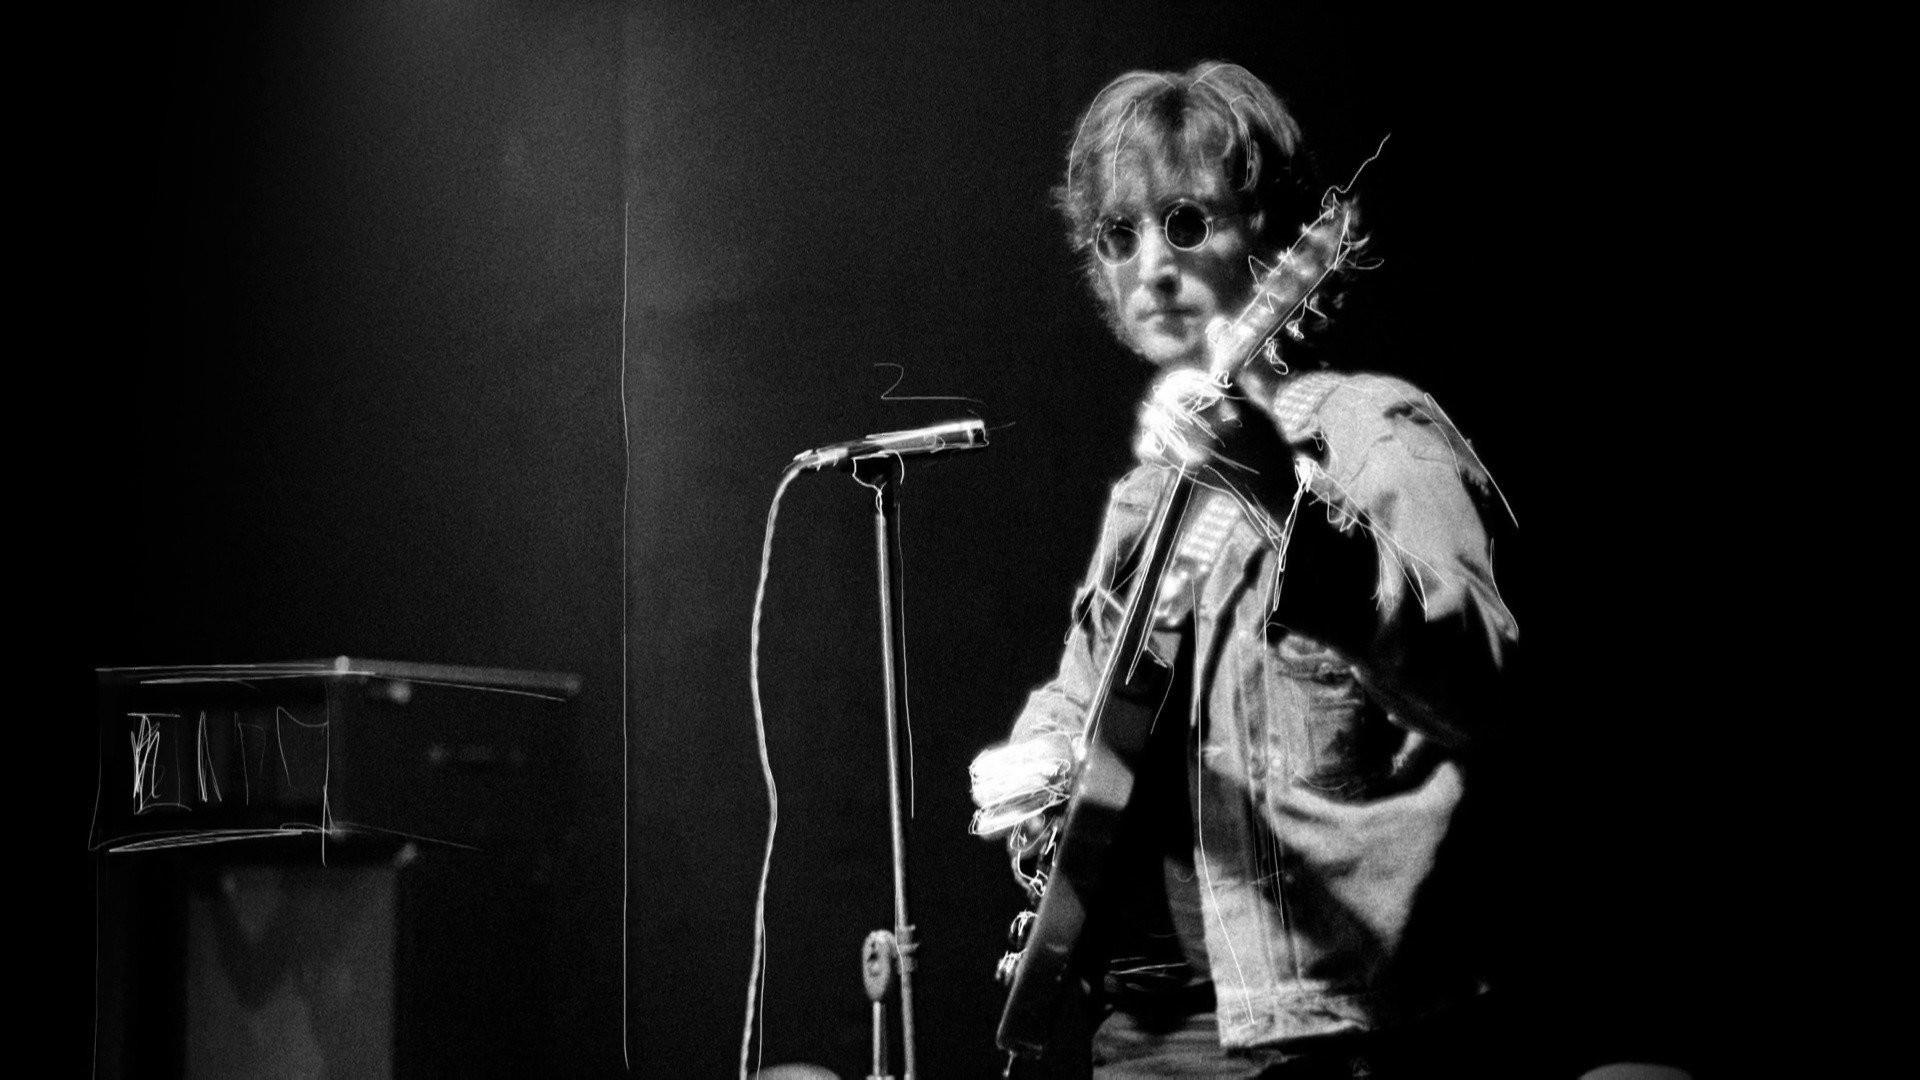 John Lennon Pictures